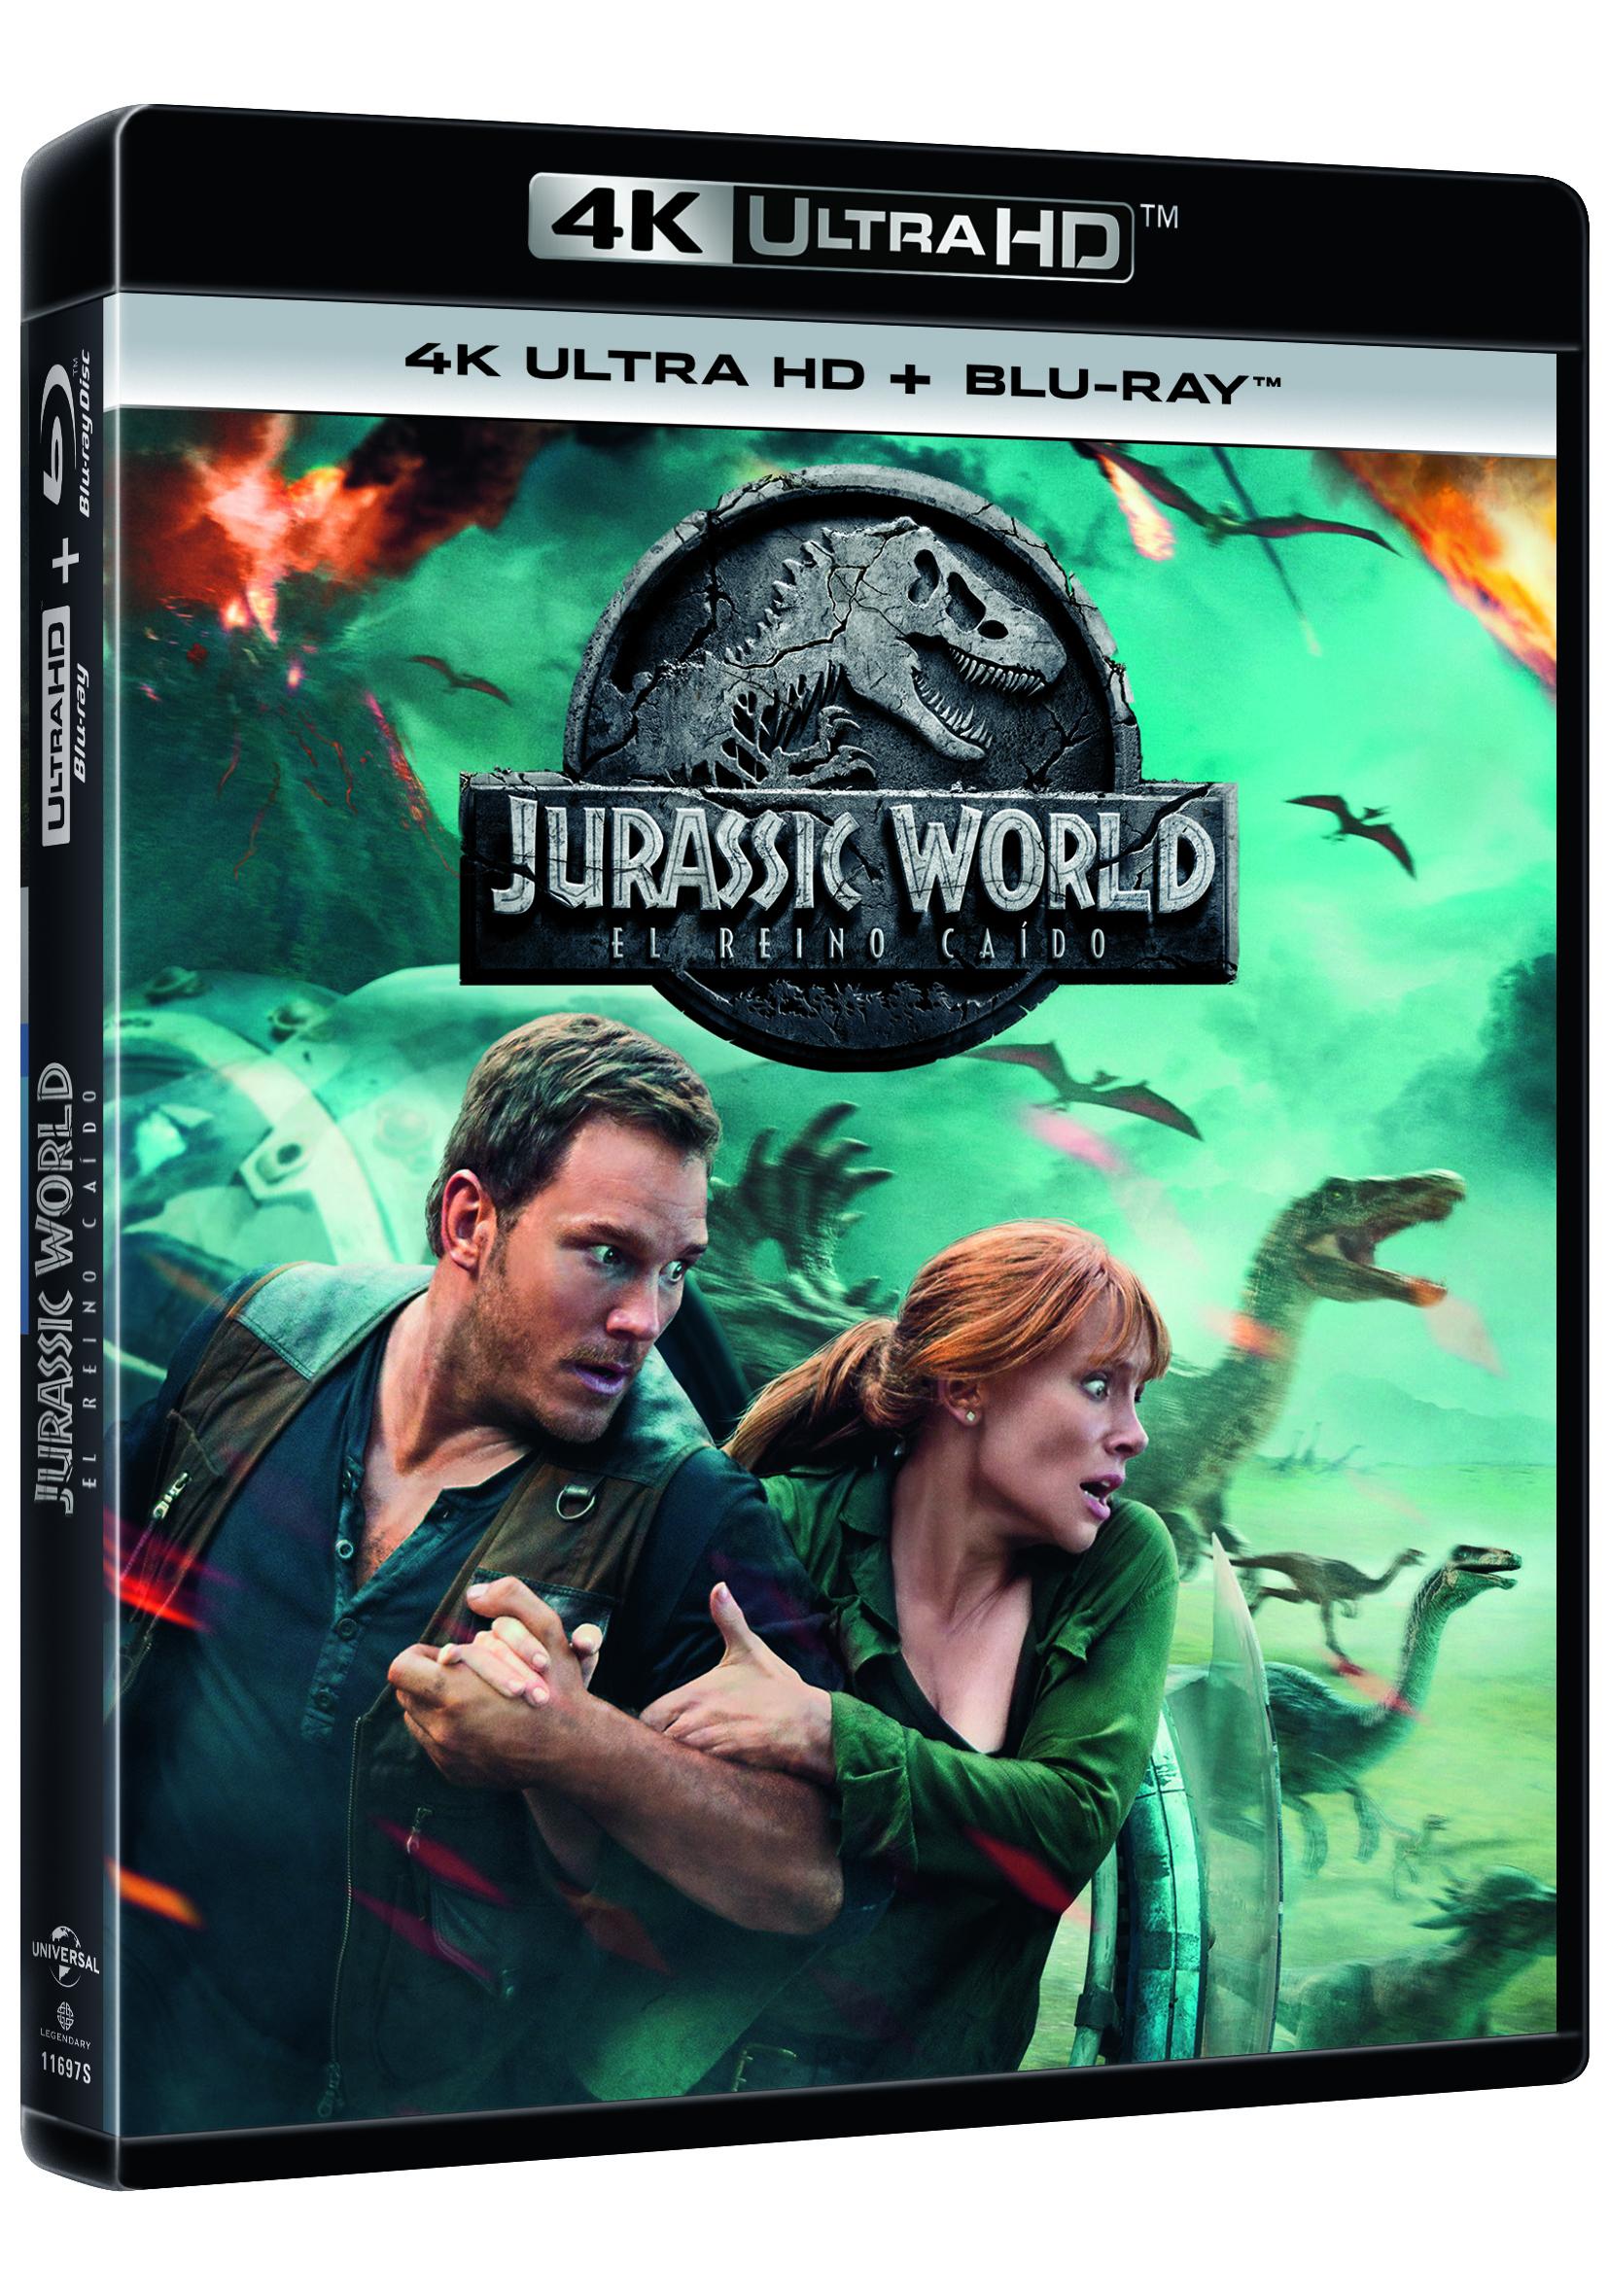 Jurassic World: El Reino Caído 4K Ultra HD